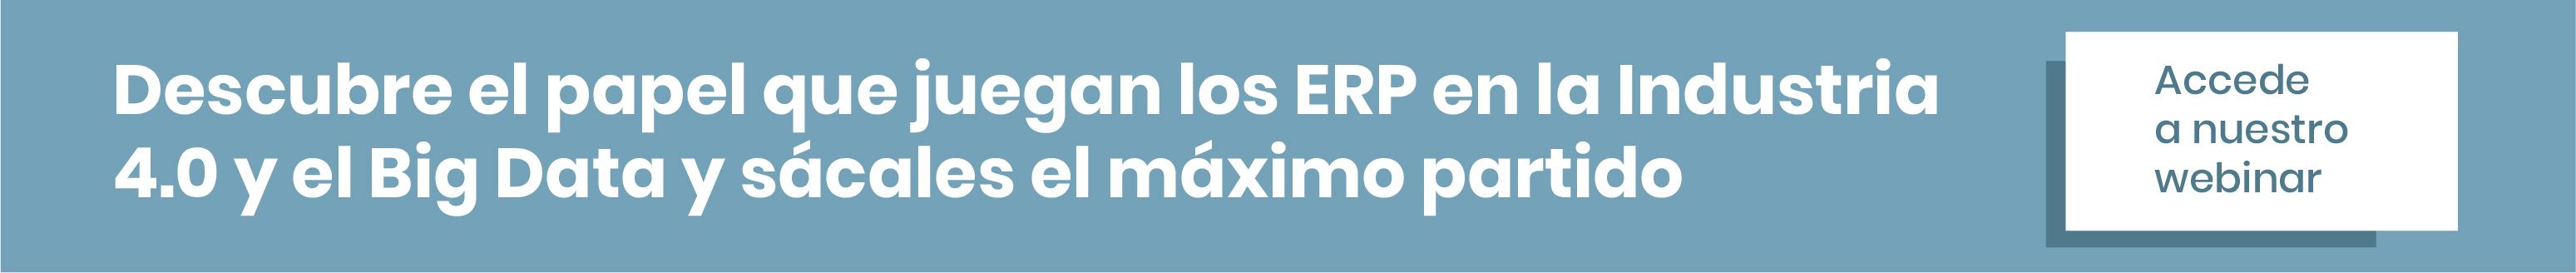 Descubre el papel que juegan los ERP en la Industria 4.0 y el Big Data y sácales el máximo partido